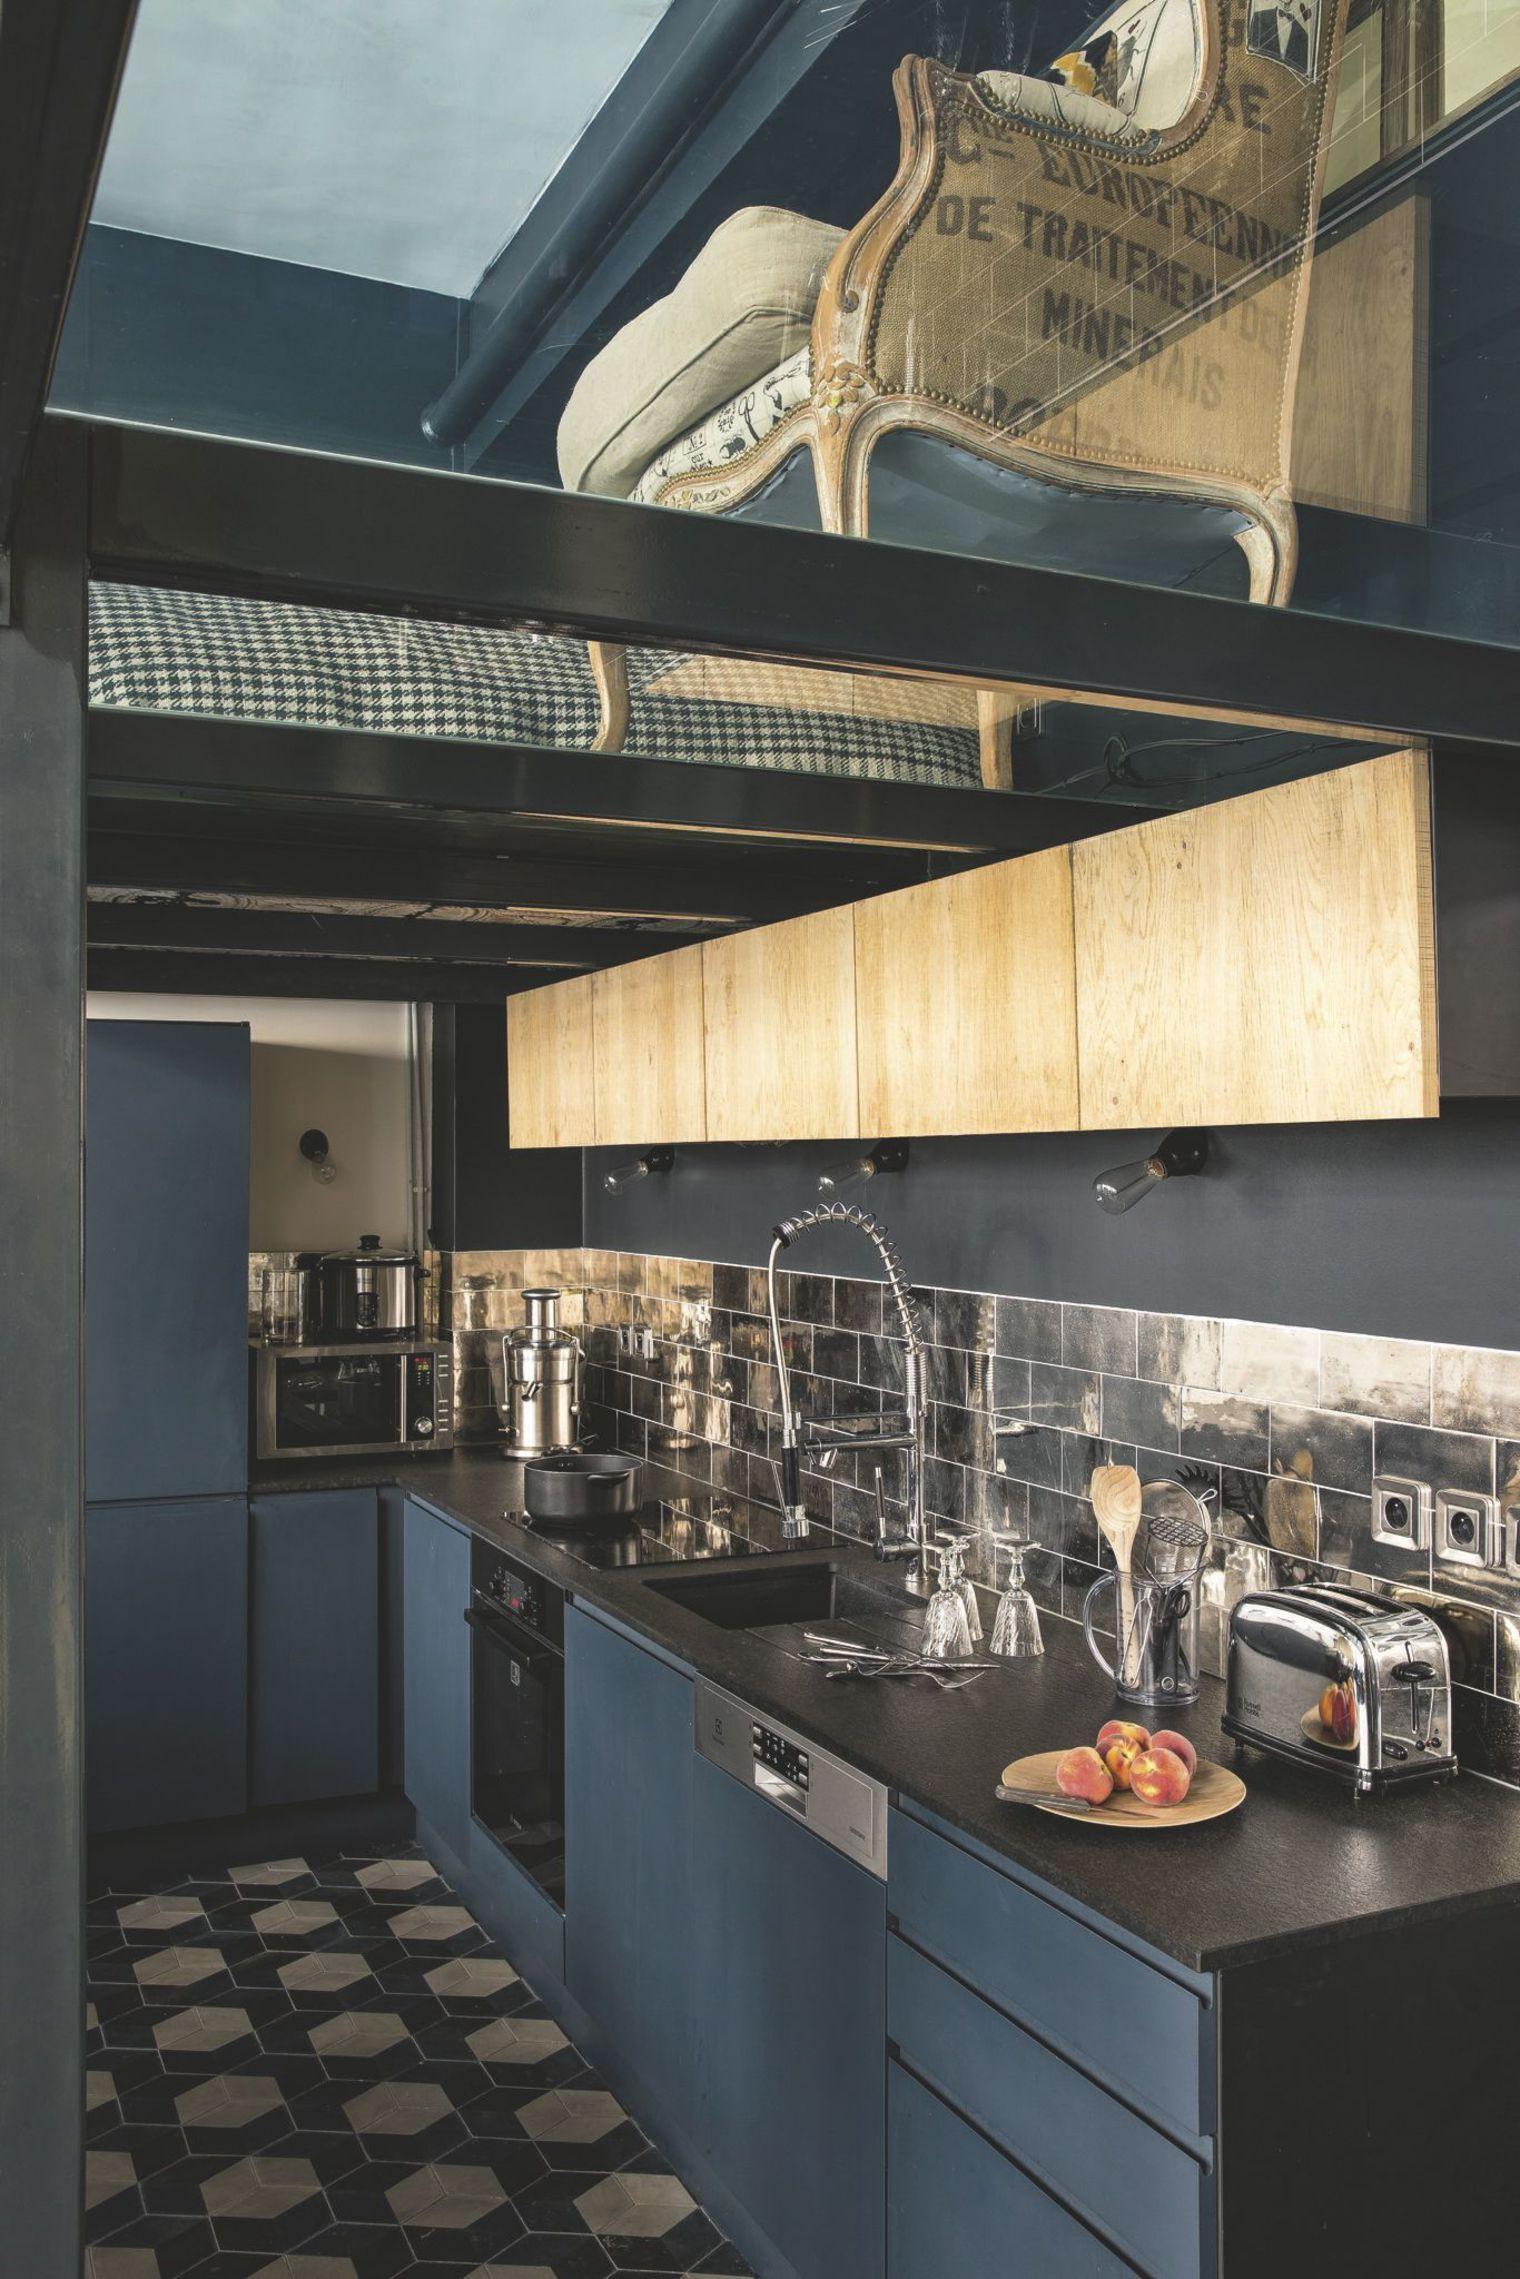 Cuisine Sur Mesure Lille duplex paris : photos d'un duplex familial de 75 m2